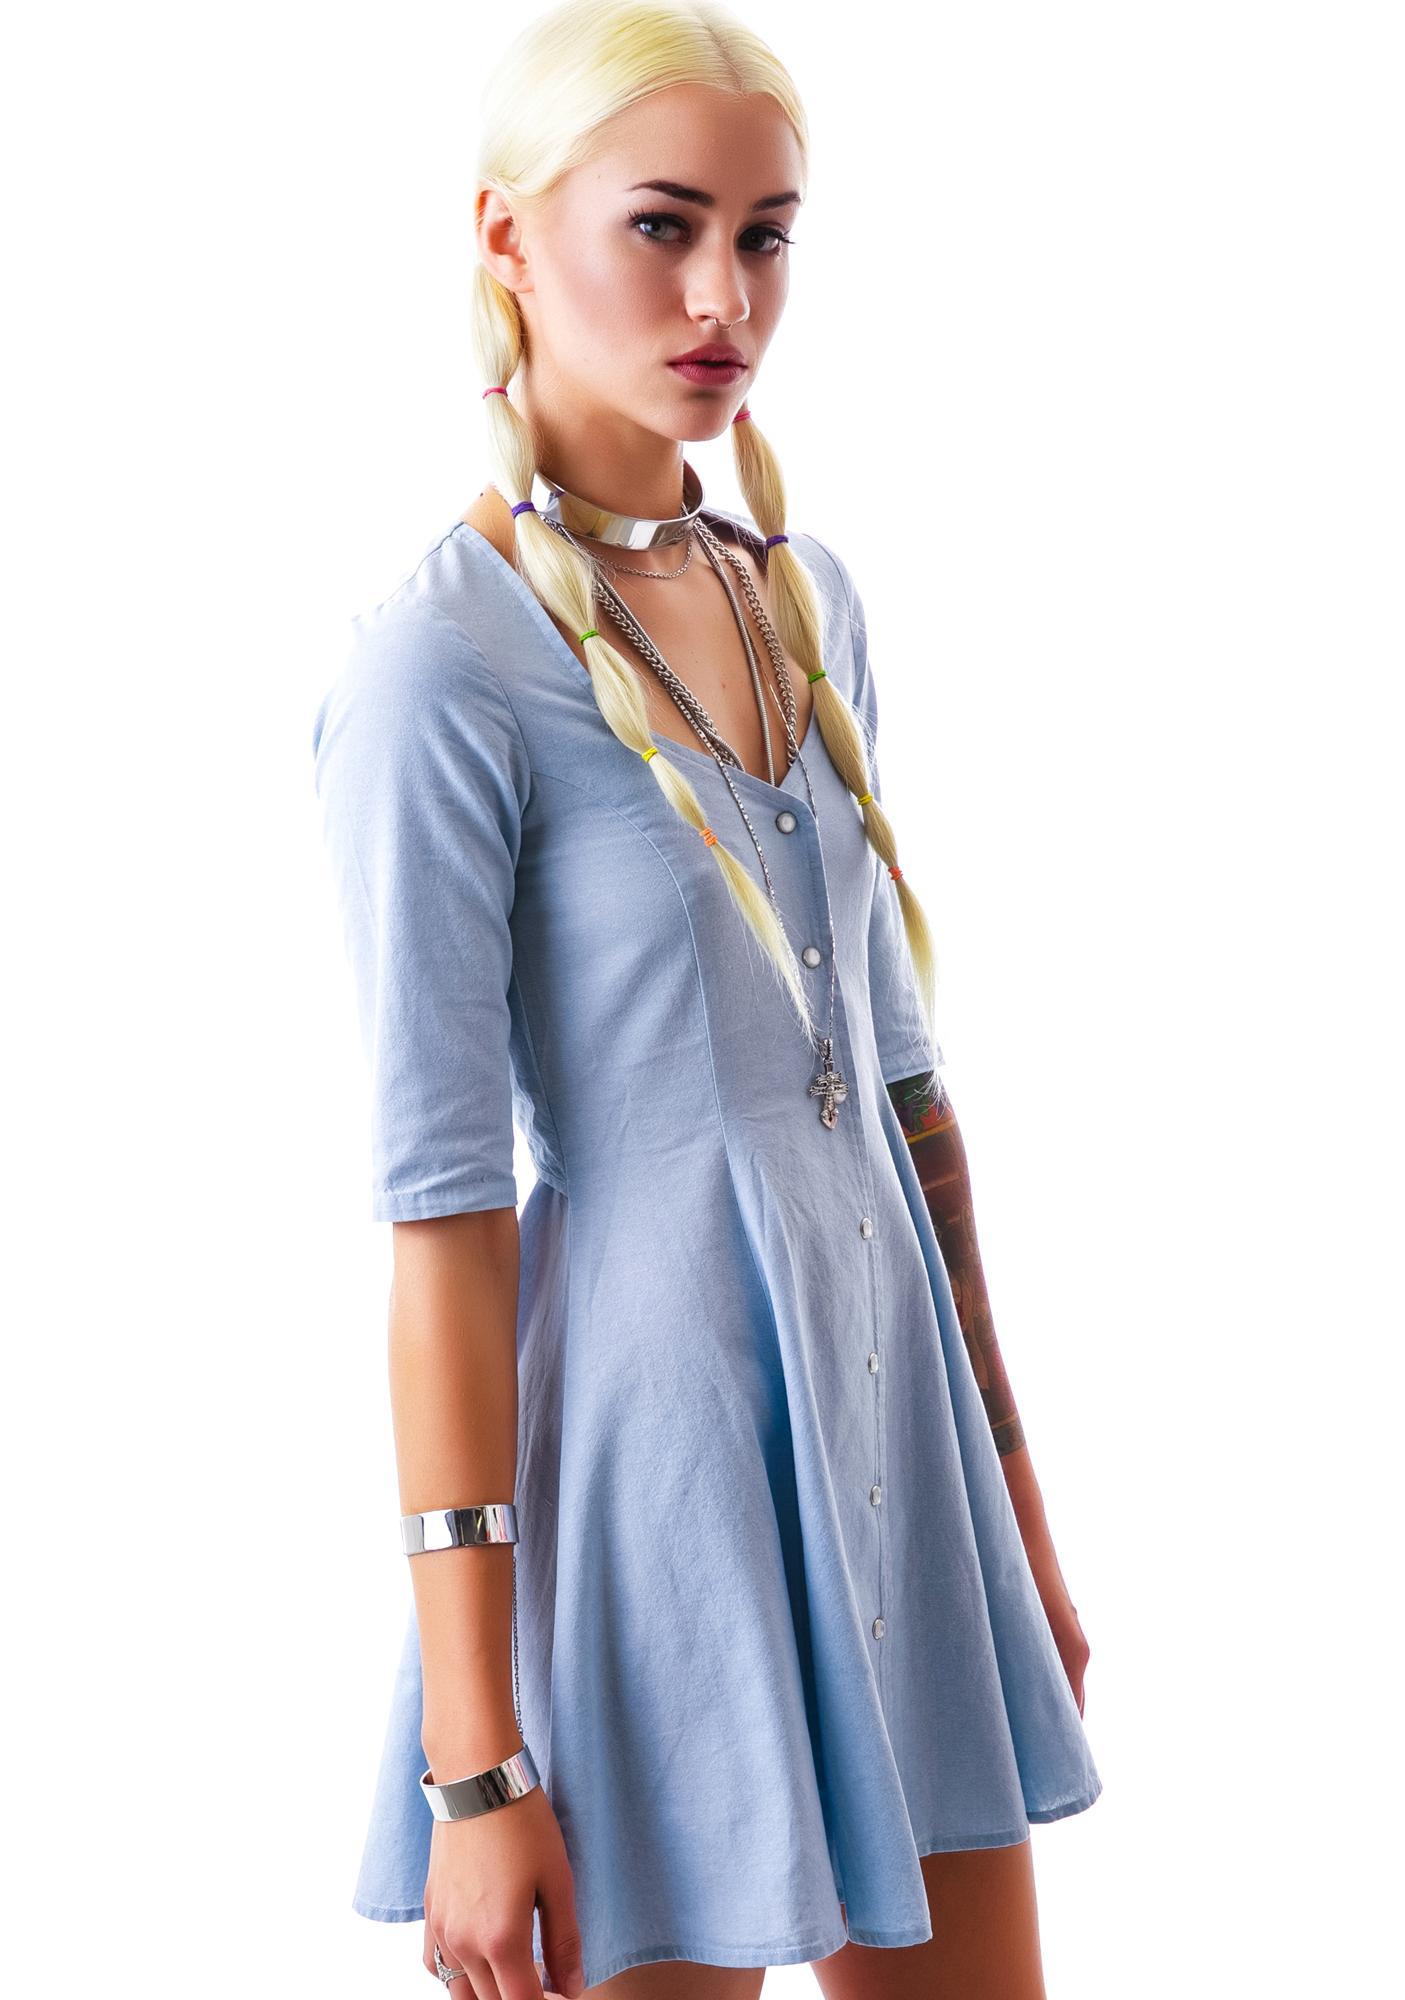 For Love & Lemons Austin Dress